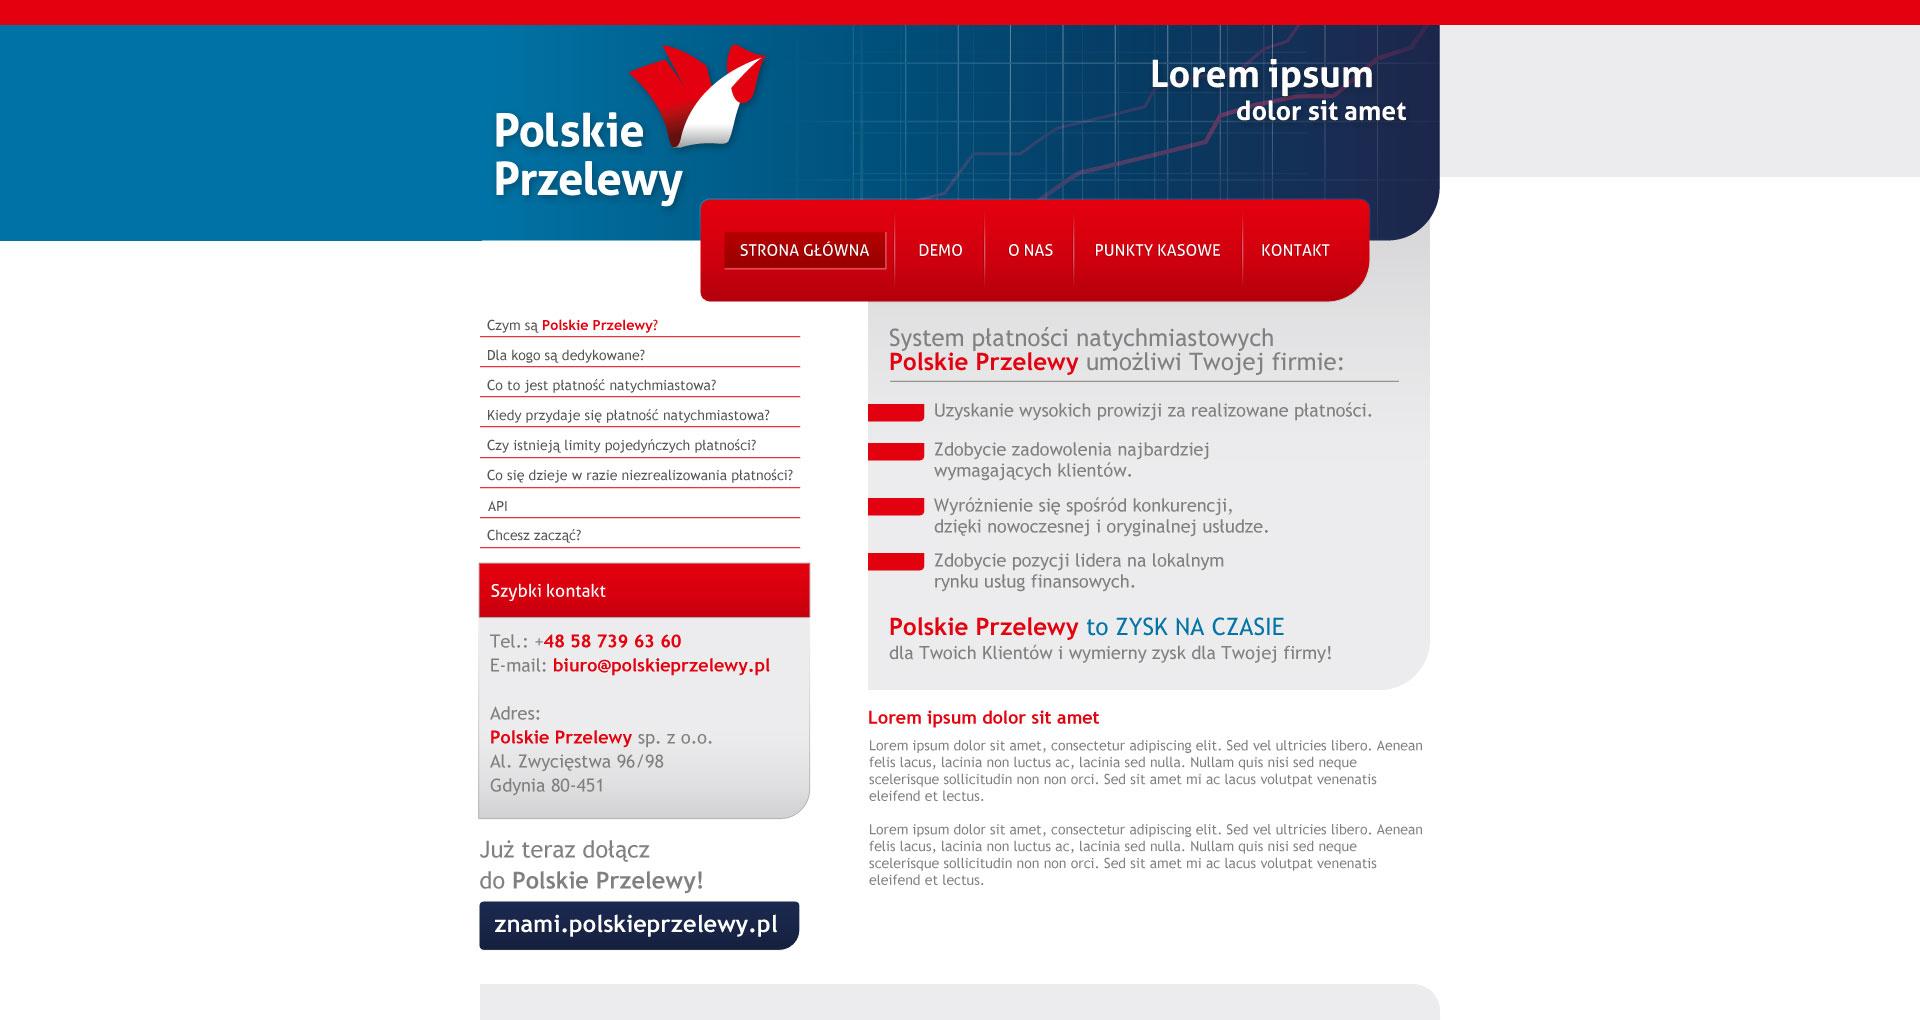 przelewy_glowna